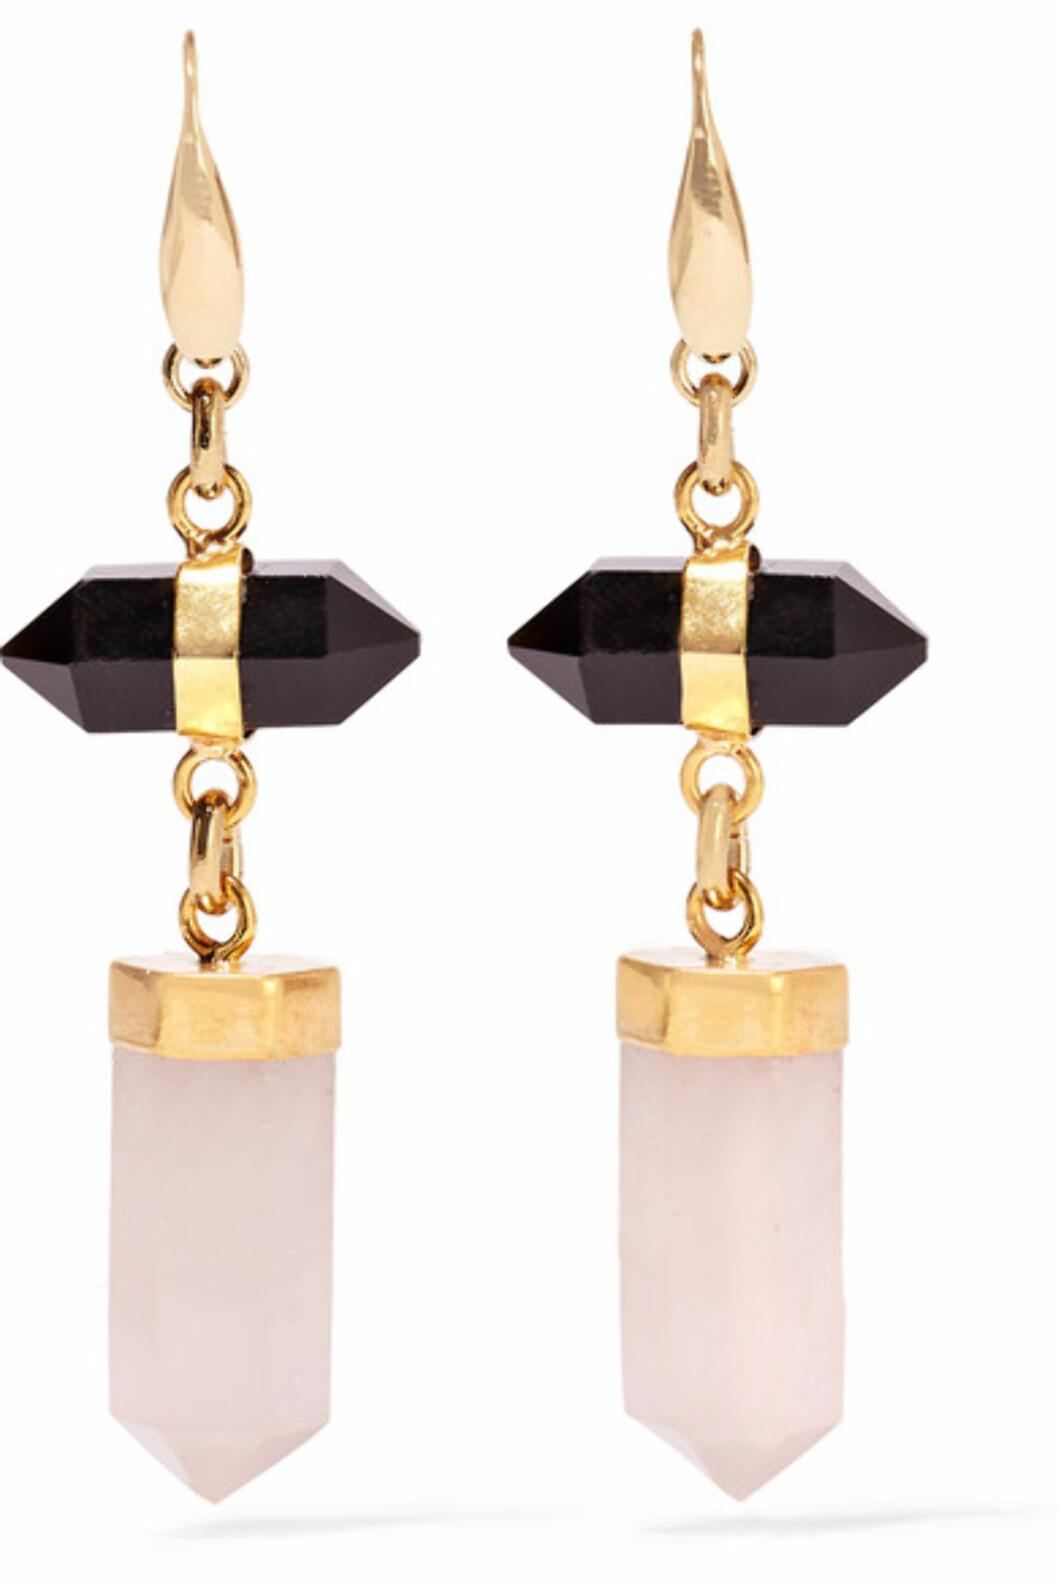 Øredobber fra Isabel Marant via Net-a-porter.com | kr 2553 | https://www.net-a-porter.com/no/en/product/649344/isabel_marant/santa-gold-tone--agate-and-quartz-earrings